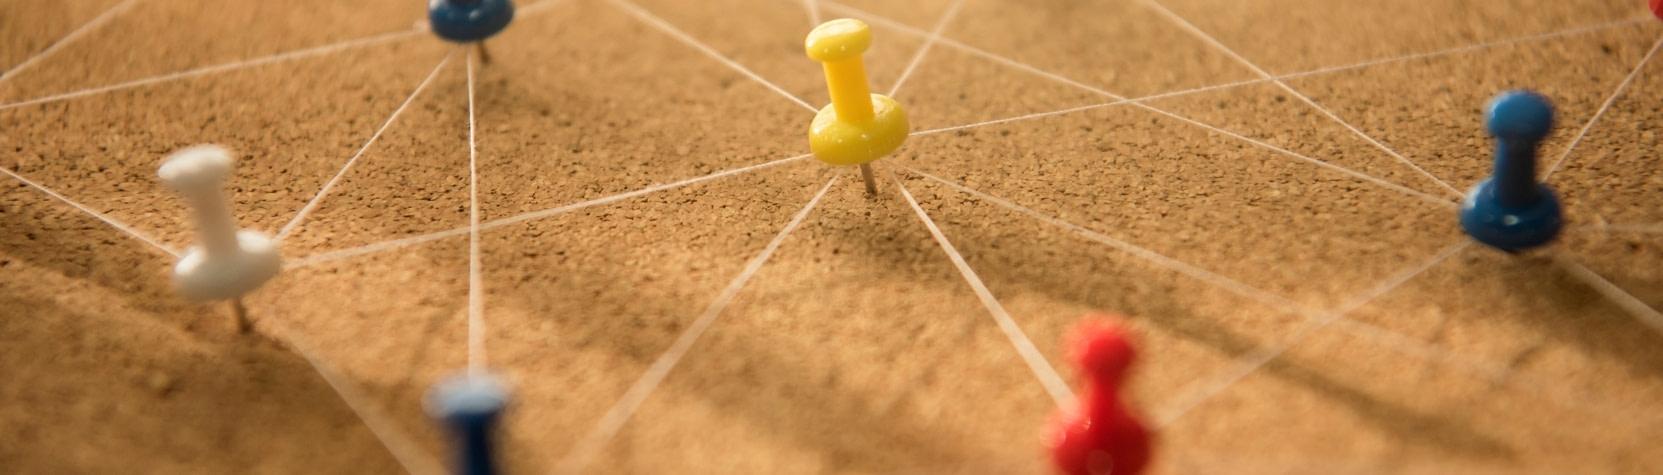 Vds training consultants whitepaper het verbinden van generaties in organisaties